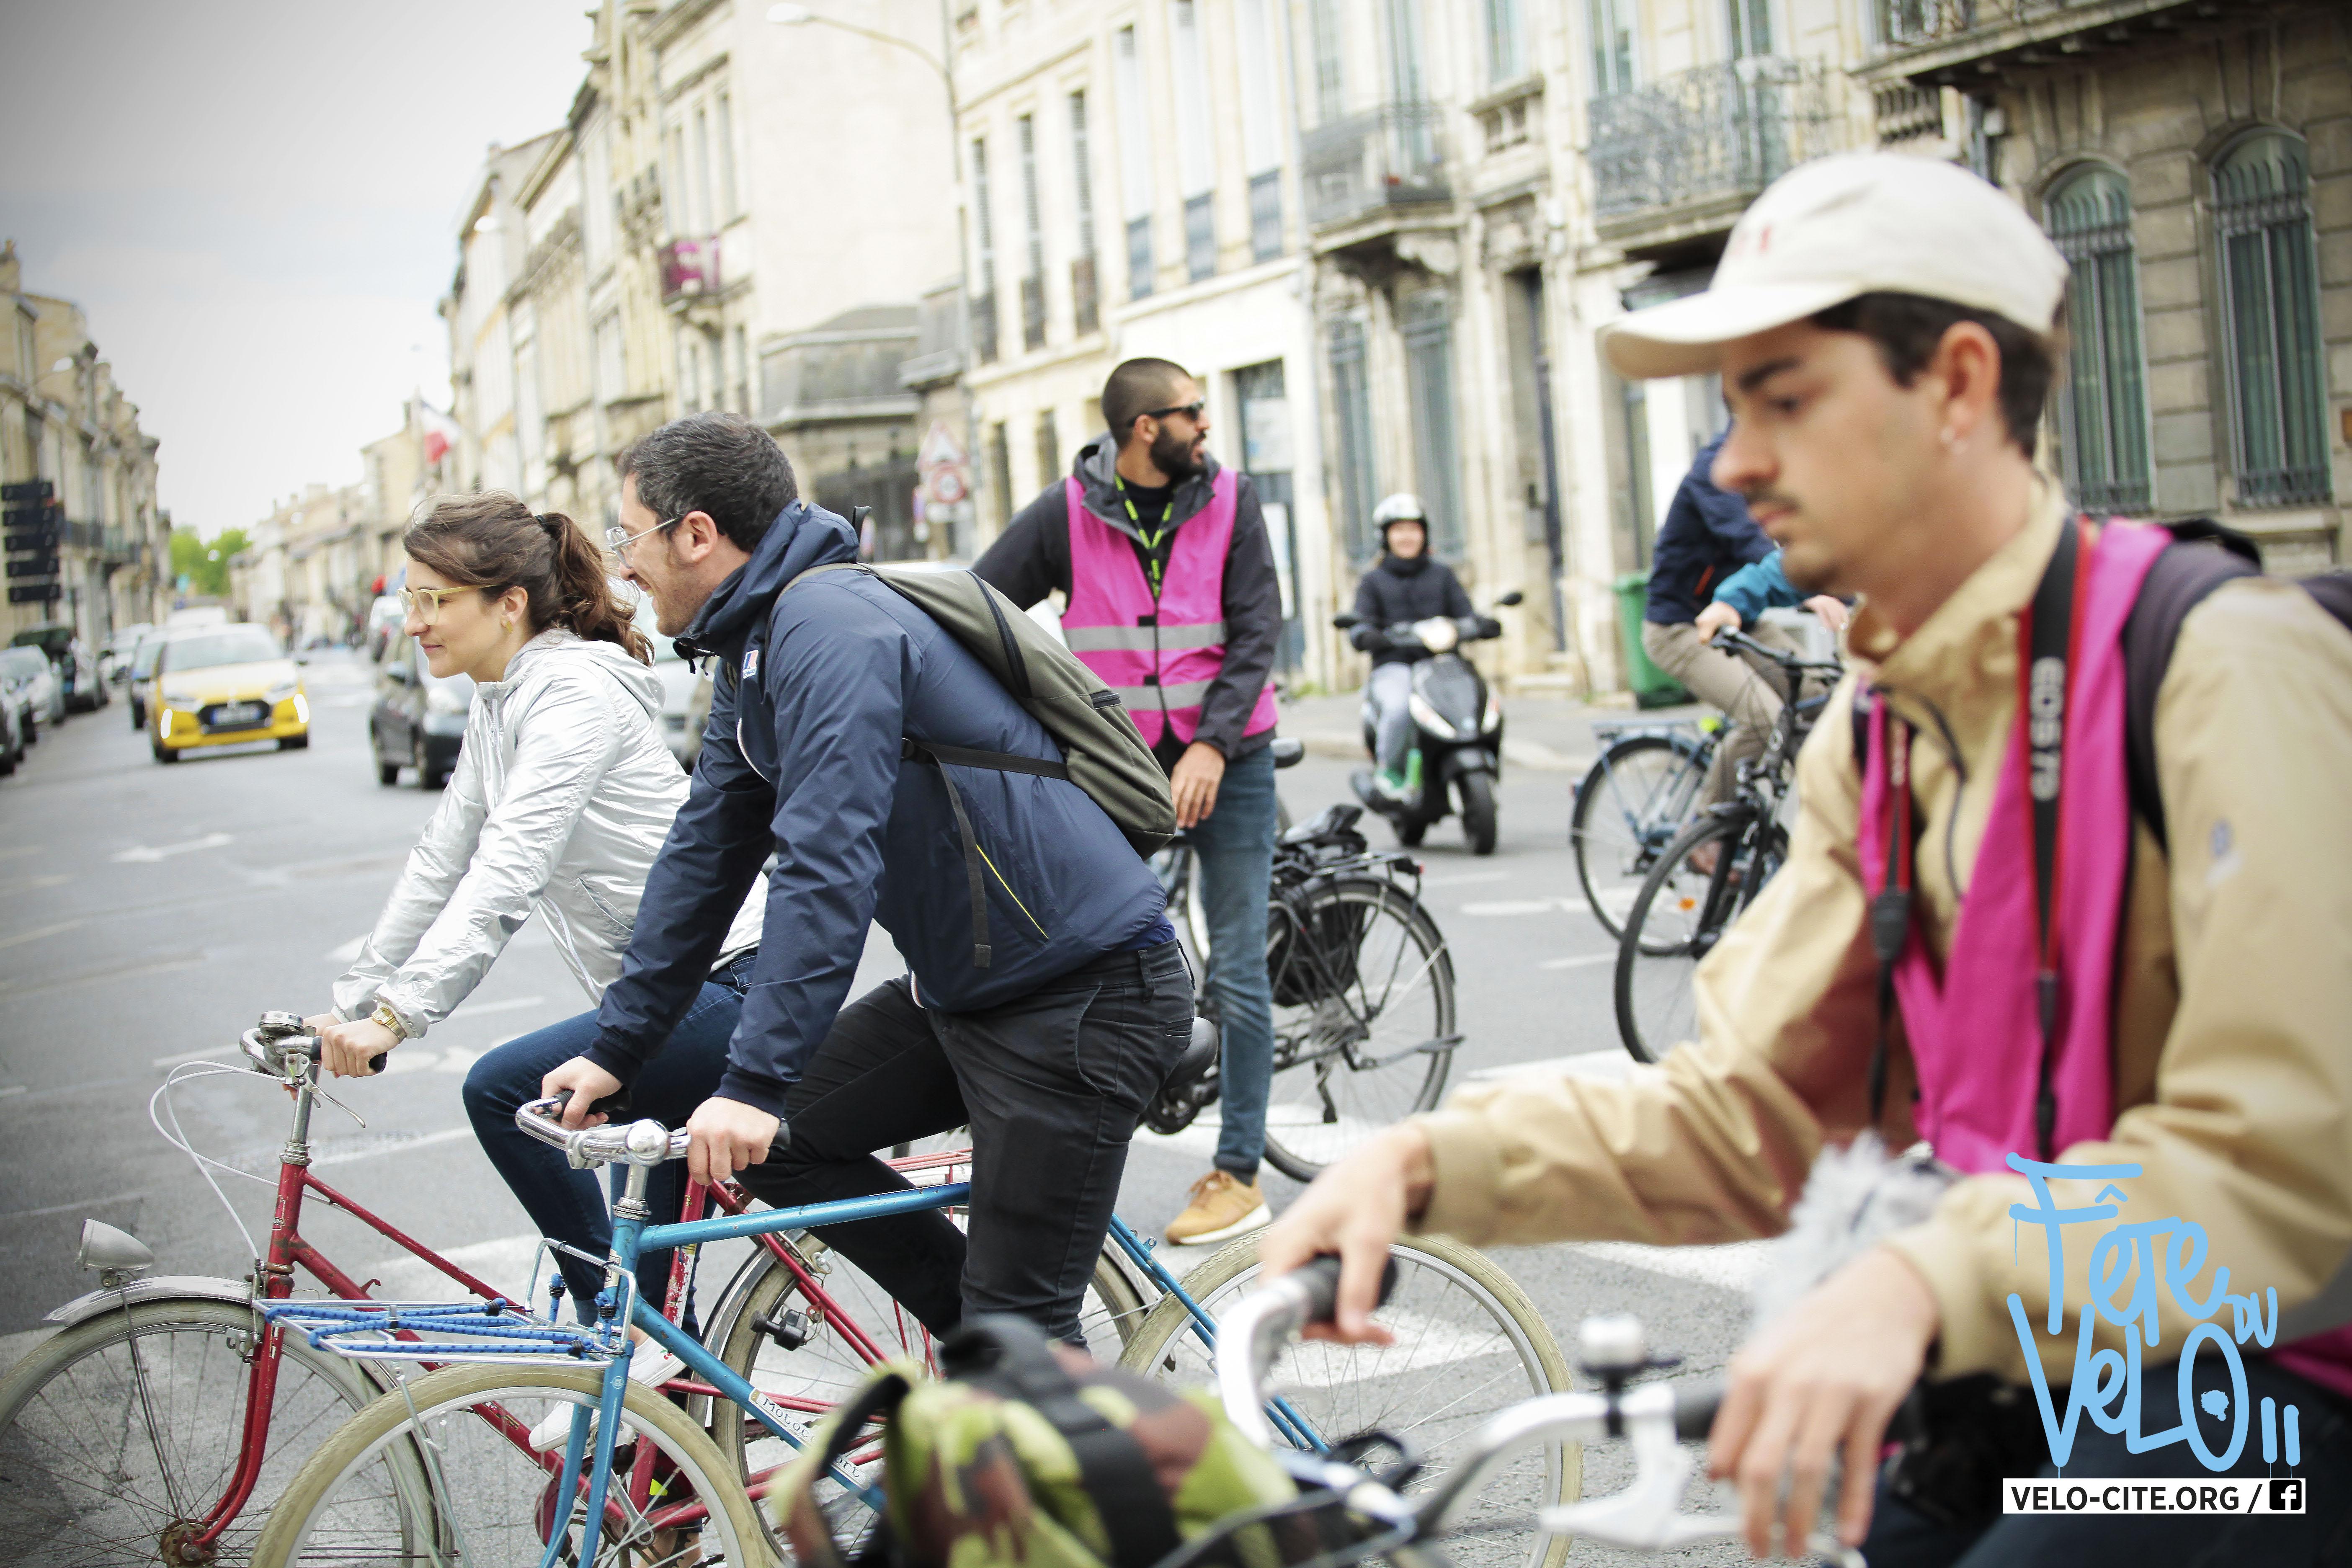 FêteDuVélo2019-VéloCité-photosSimonCASSOL018 - Copie copie